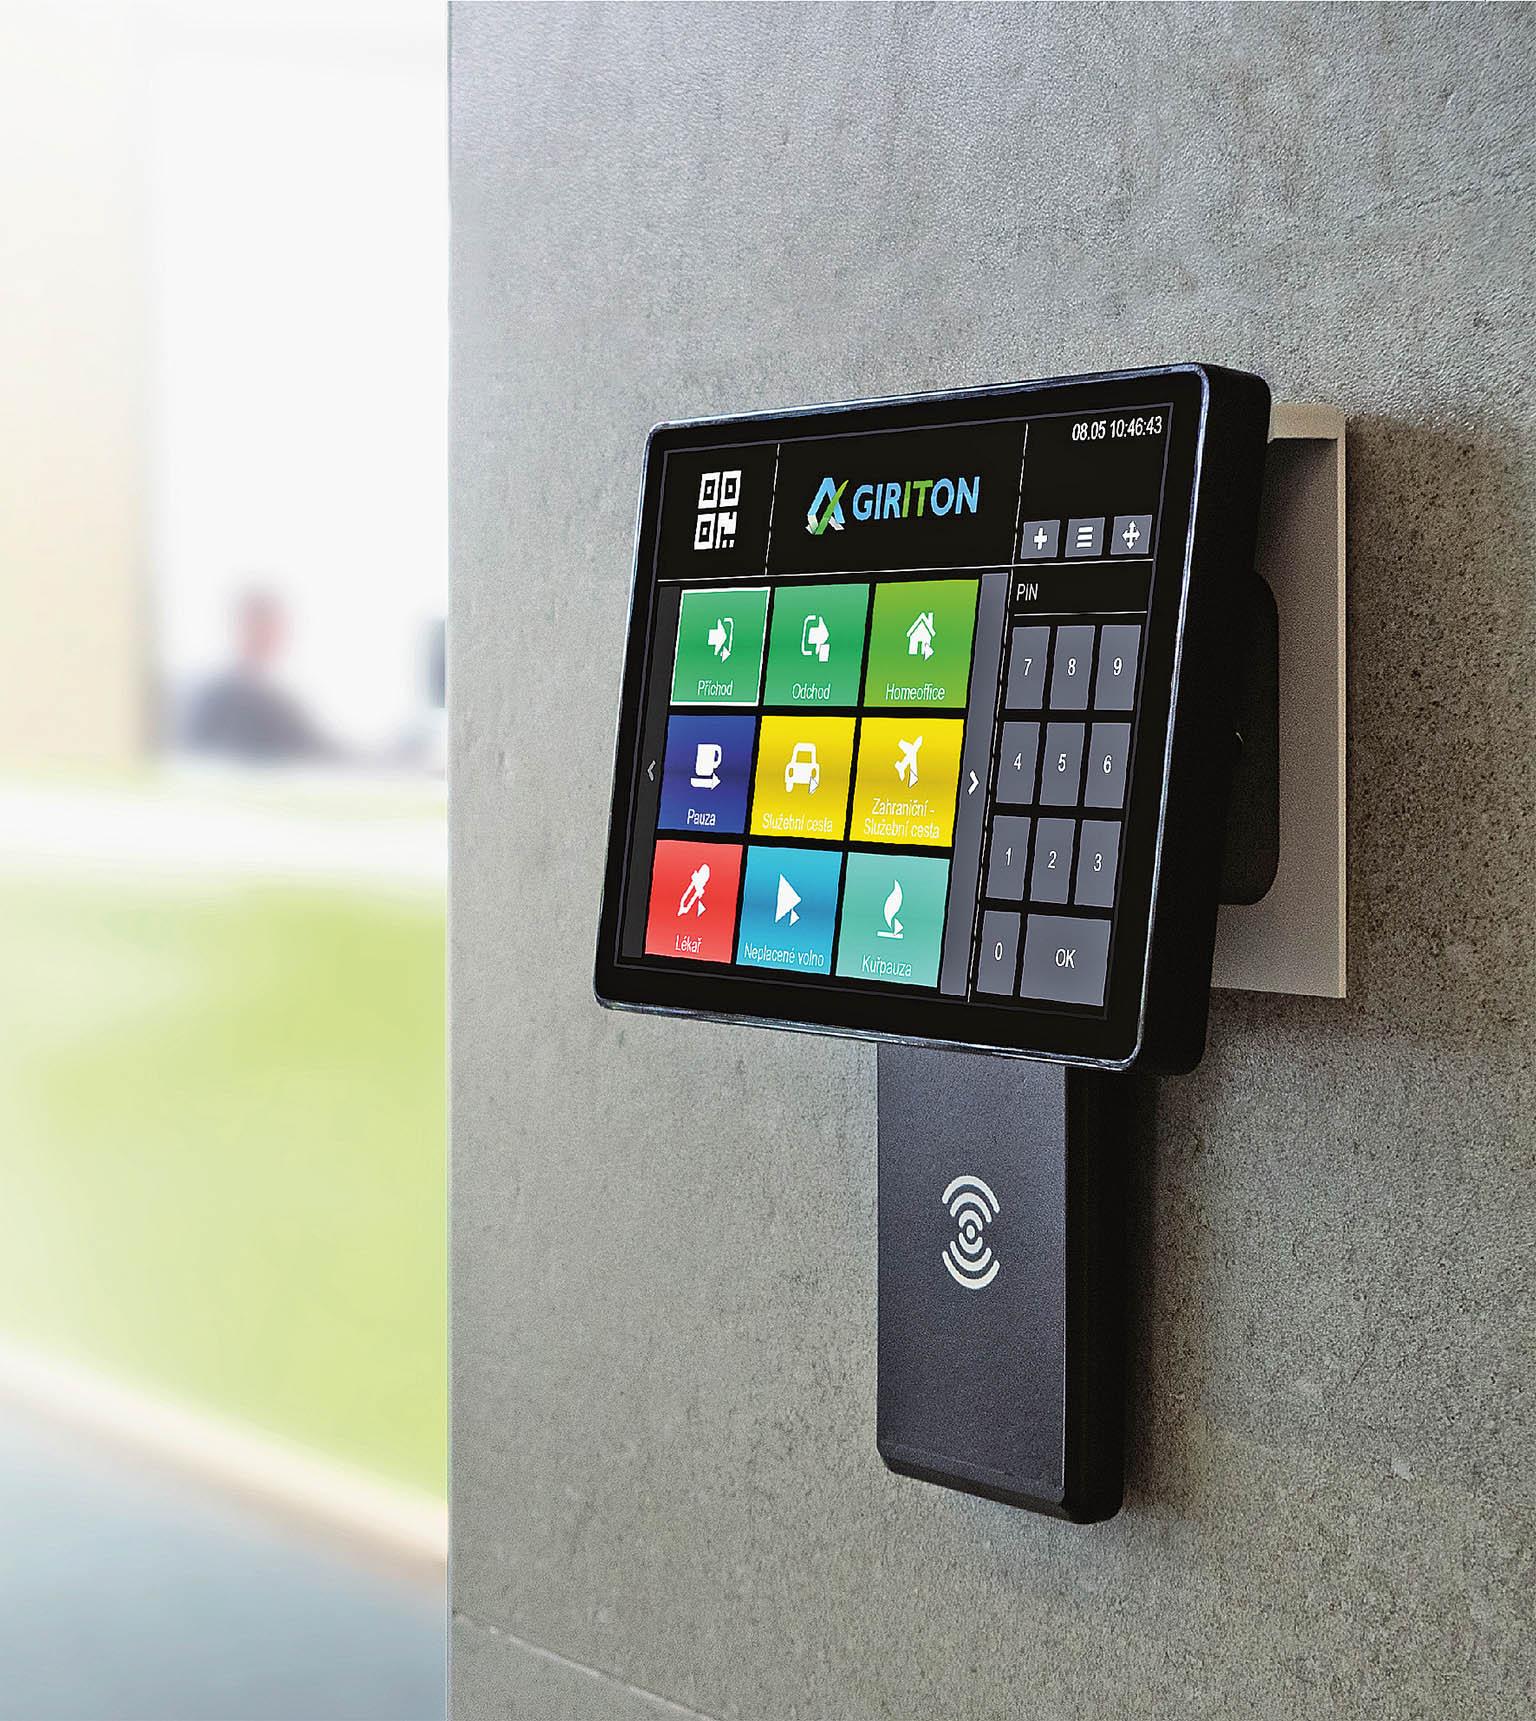 Píchací hodiny pro sledování docházky výrobci vybavují rozměrnými barevnými dotykovými displeji.